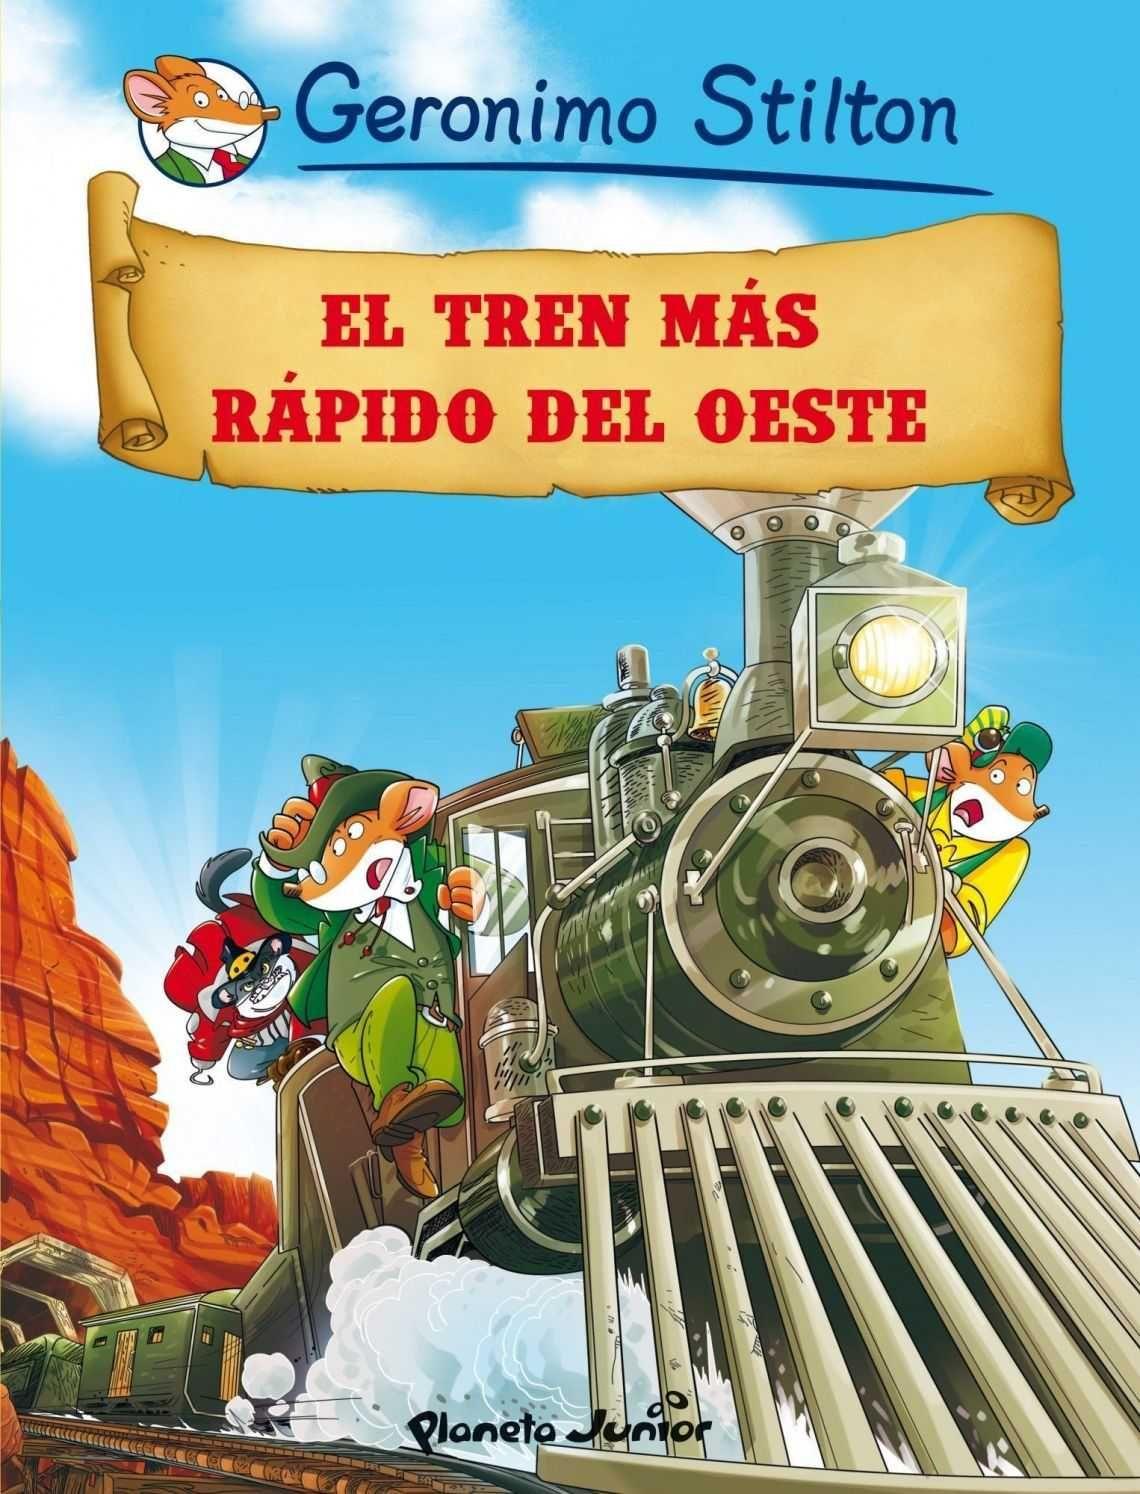 Literatura y trenes: ¡Atentos al cruce de vías!_ Geronimo